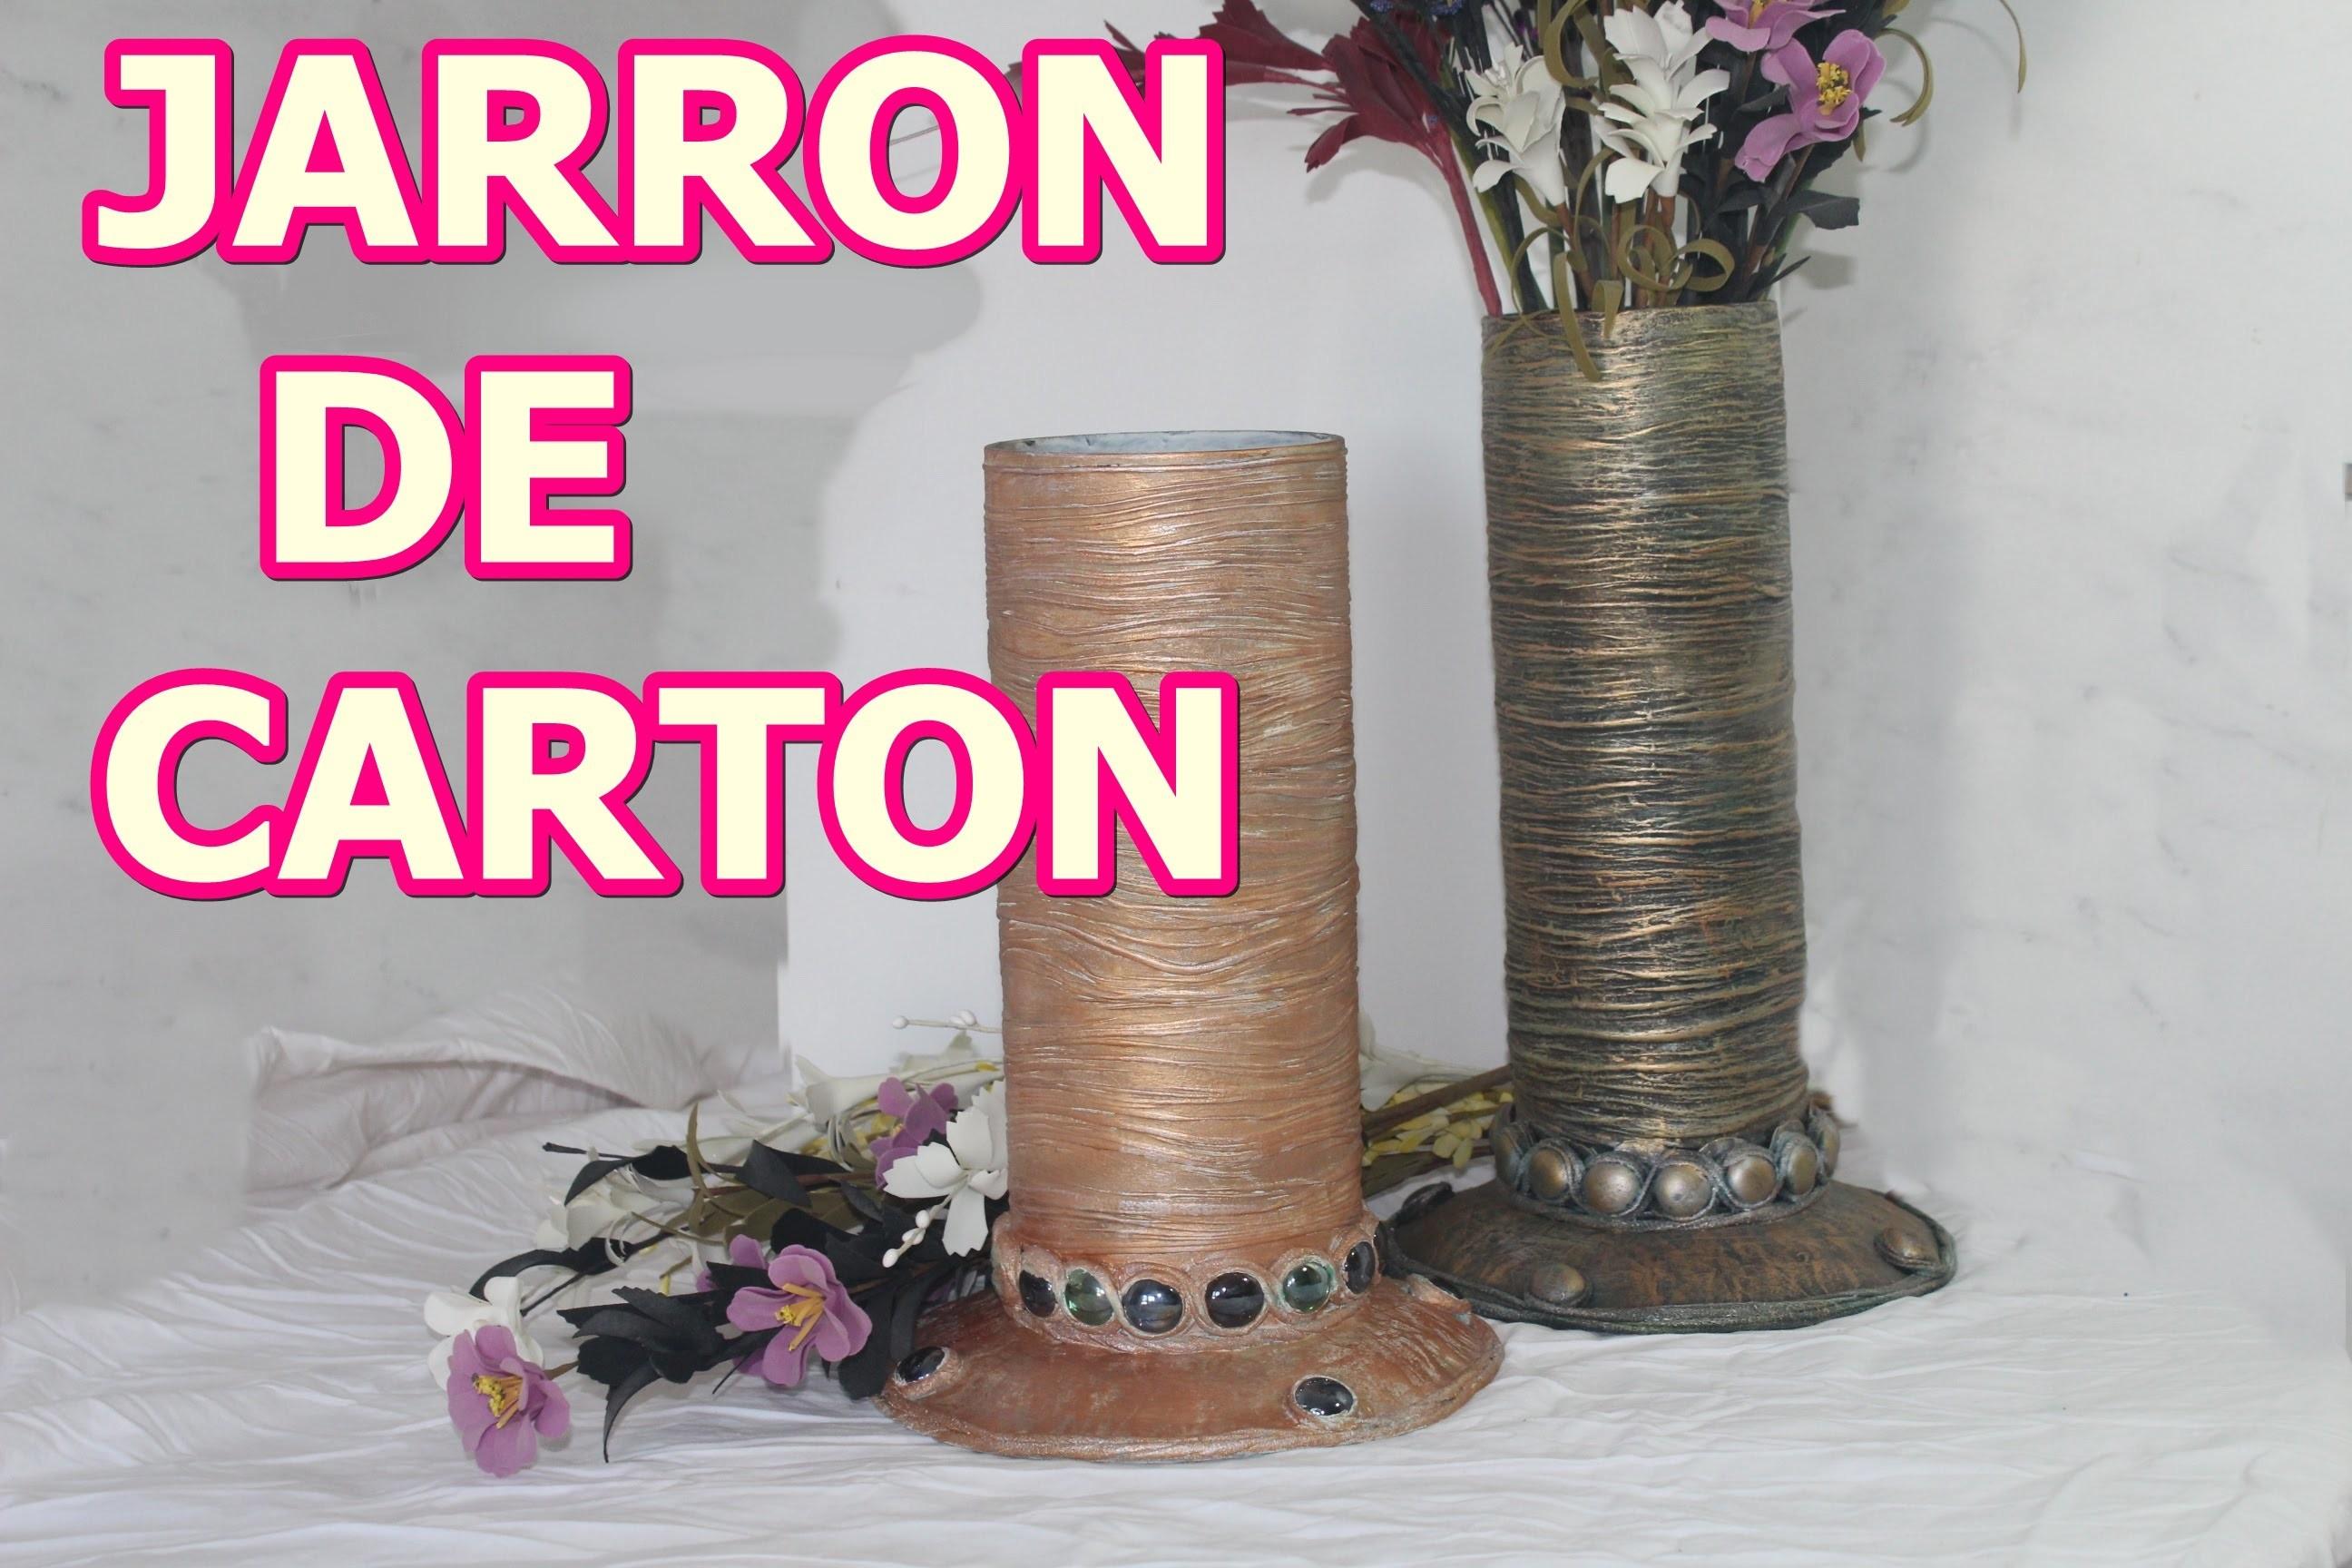 JARRON DE CARTON